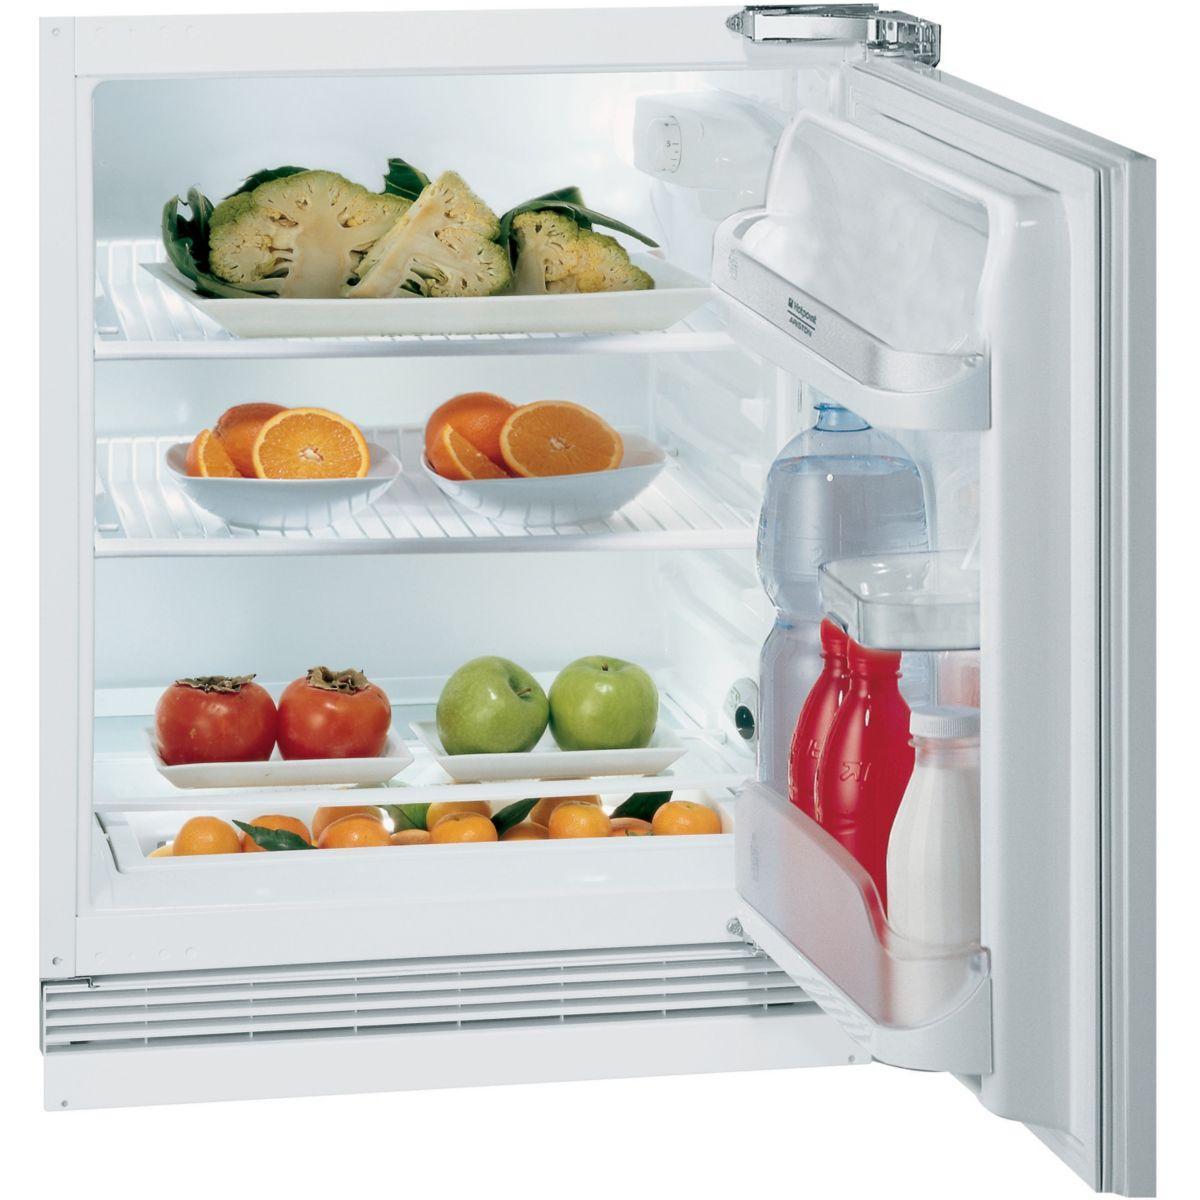 Réfrigérateur intégrable hotpoint bts 1622/ha - 20% de remise immédiate avec le code : cool20 (photo)